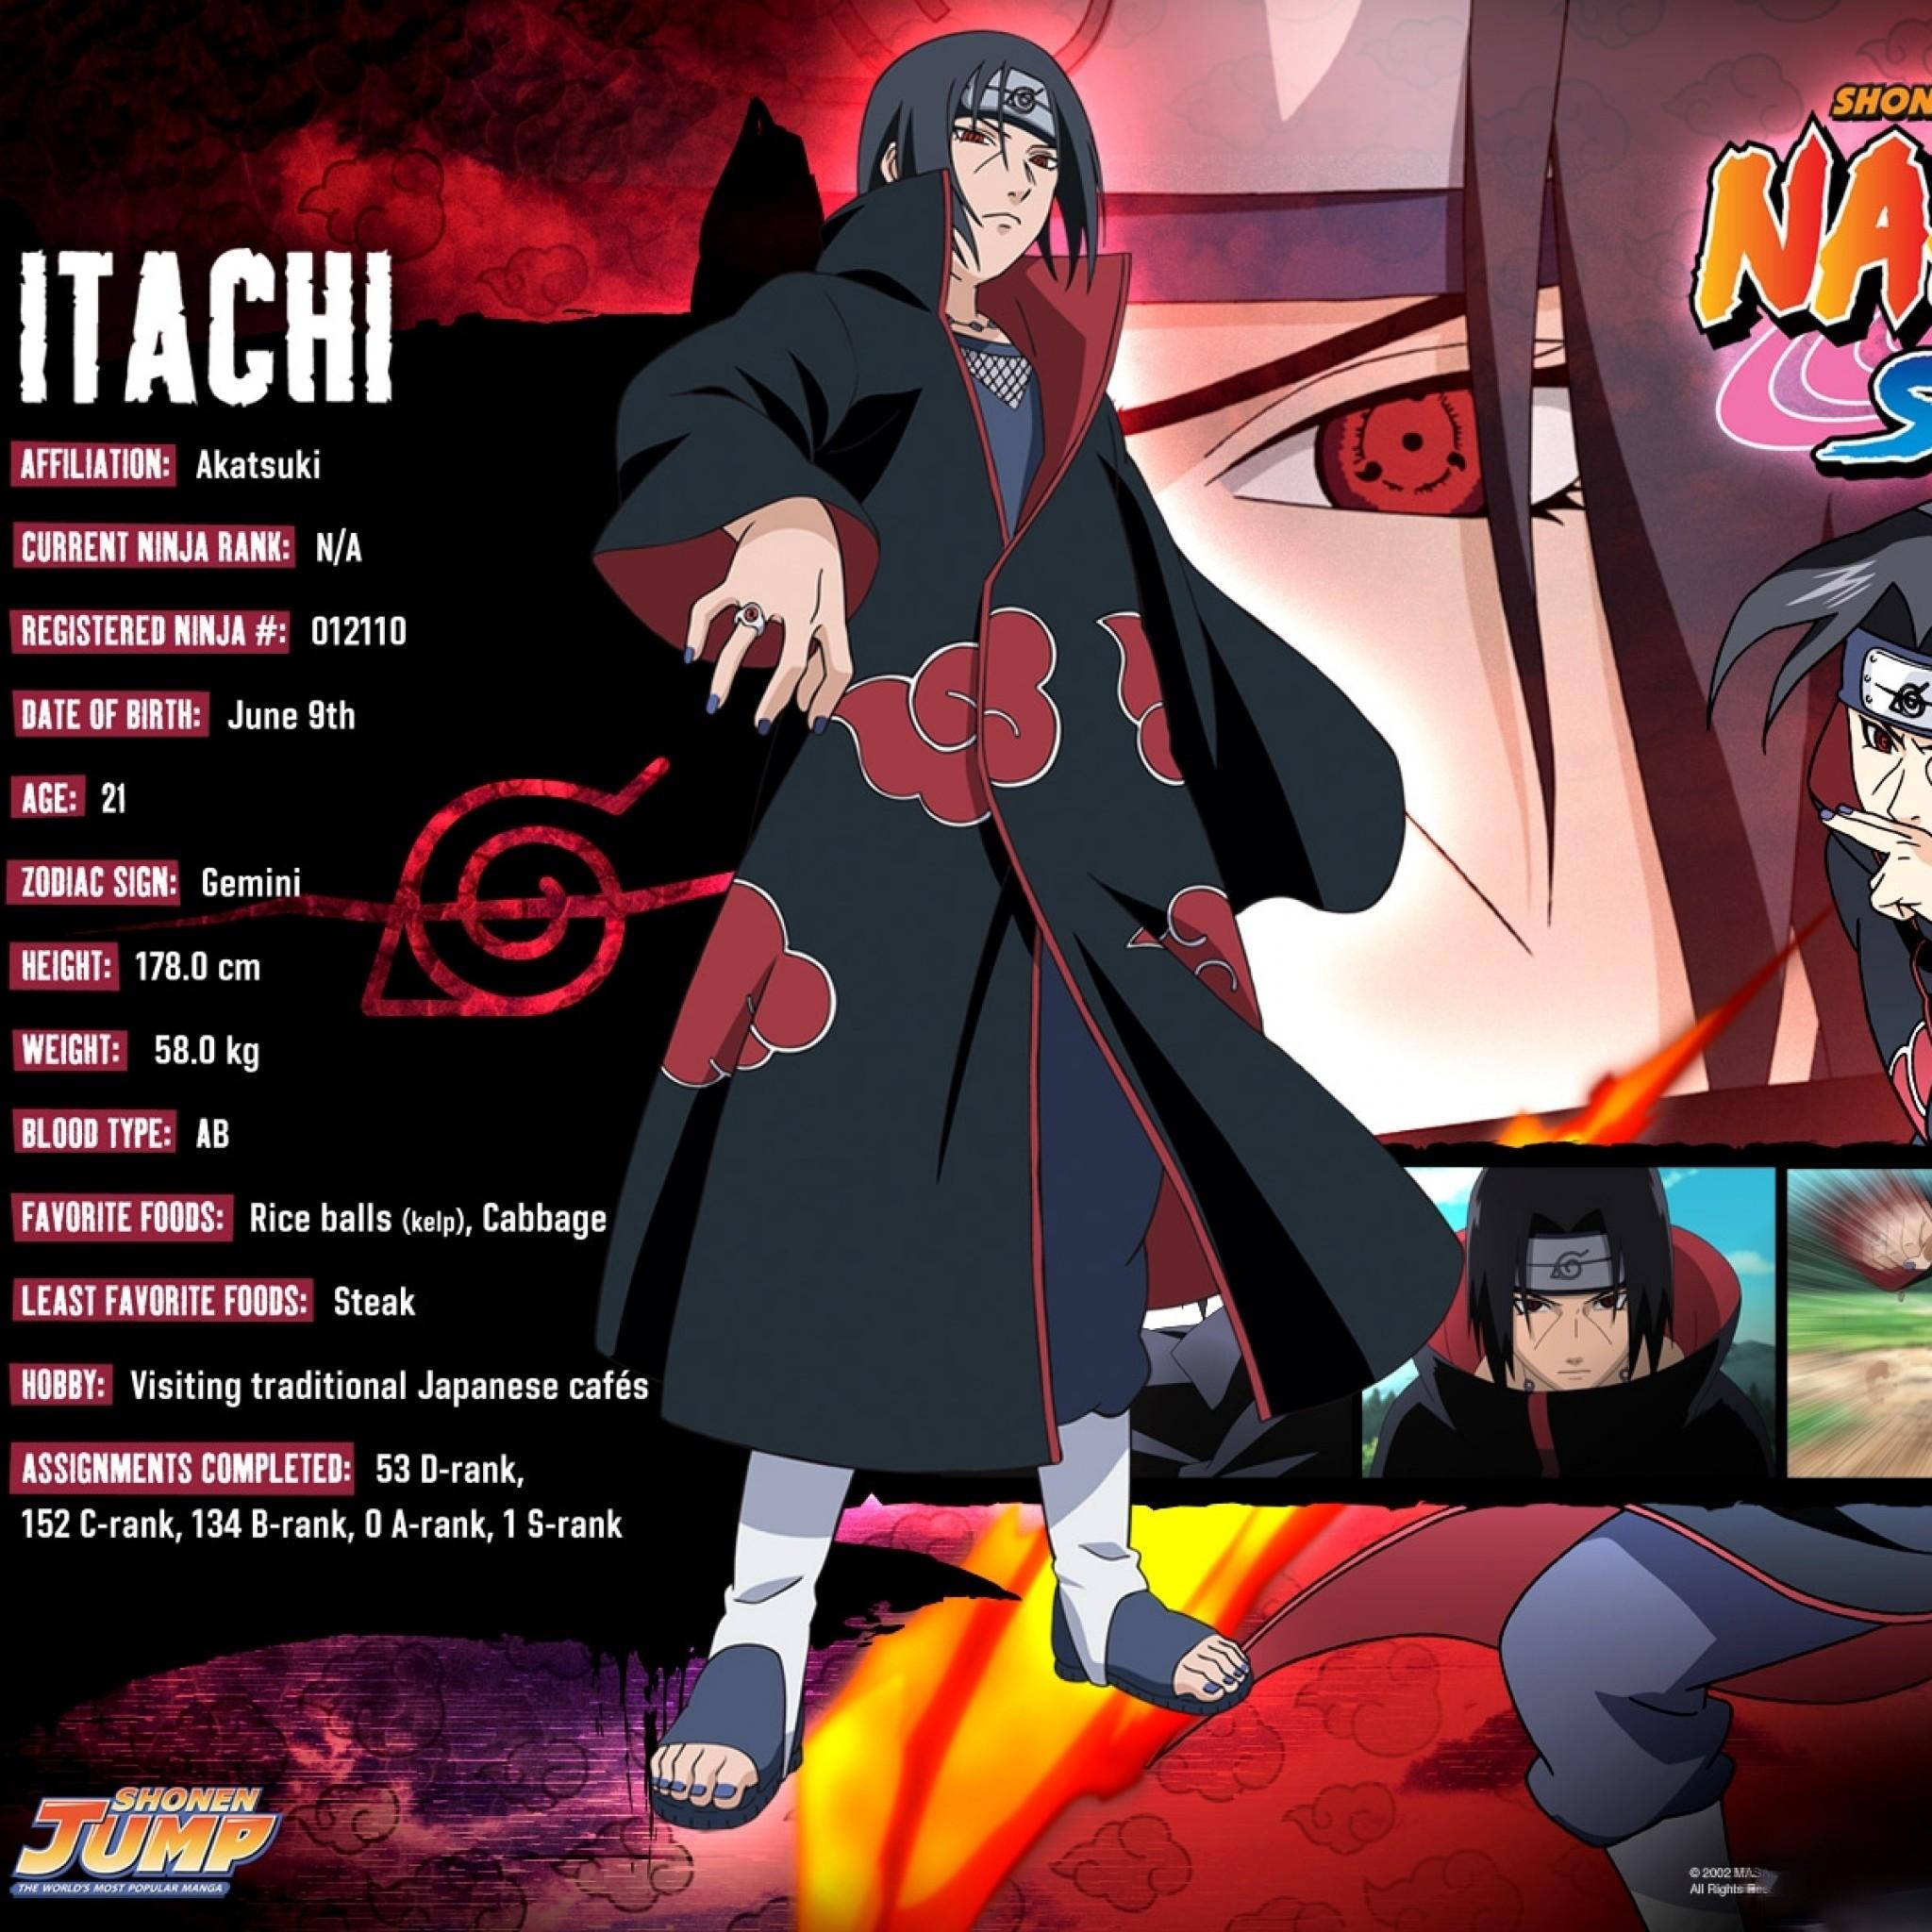 Naruto Hd Wallpaper: Naruto Wallpapers HD 2018 (63+ Images